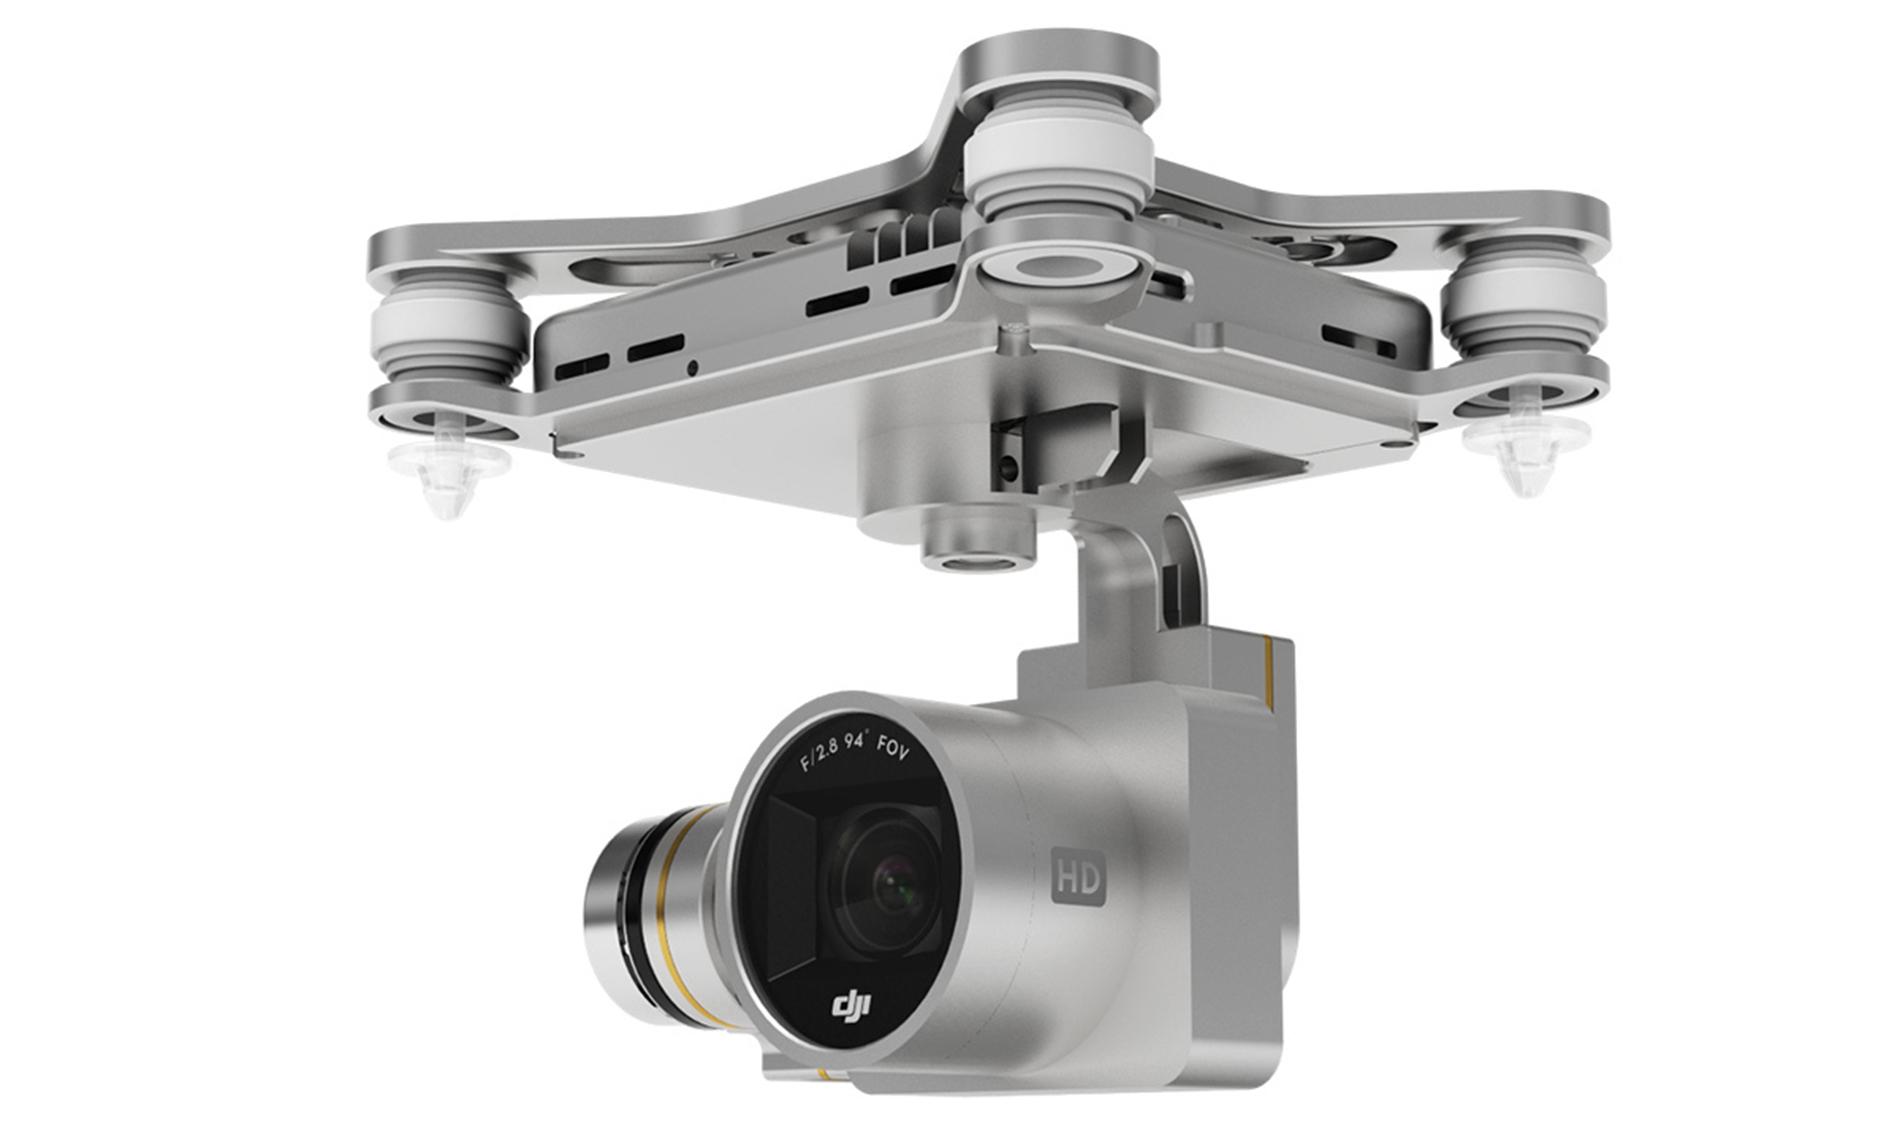 Защита объектива желтая для бпла мавик защита экрана пульта управления к квадрокоптеру mavik